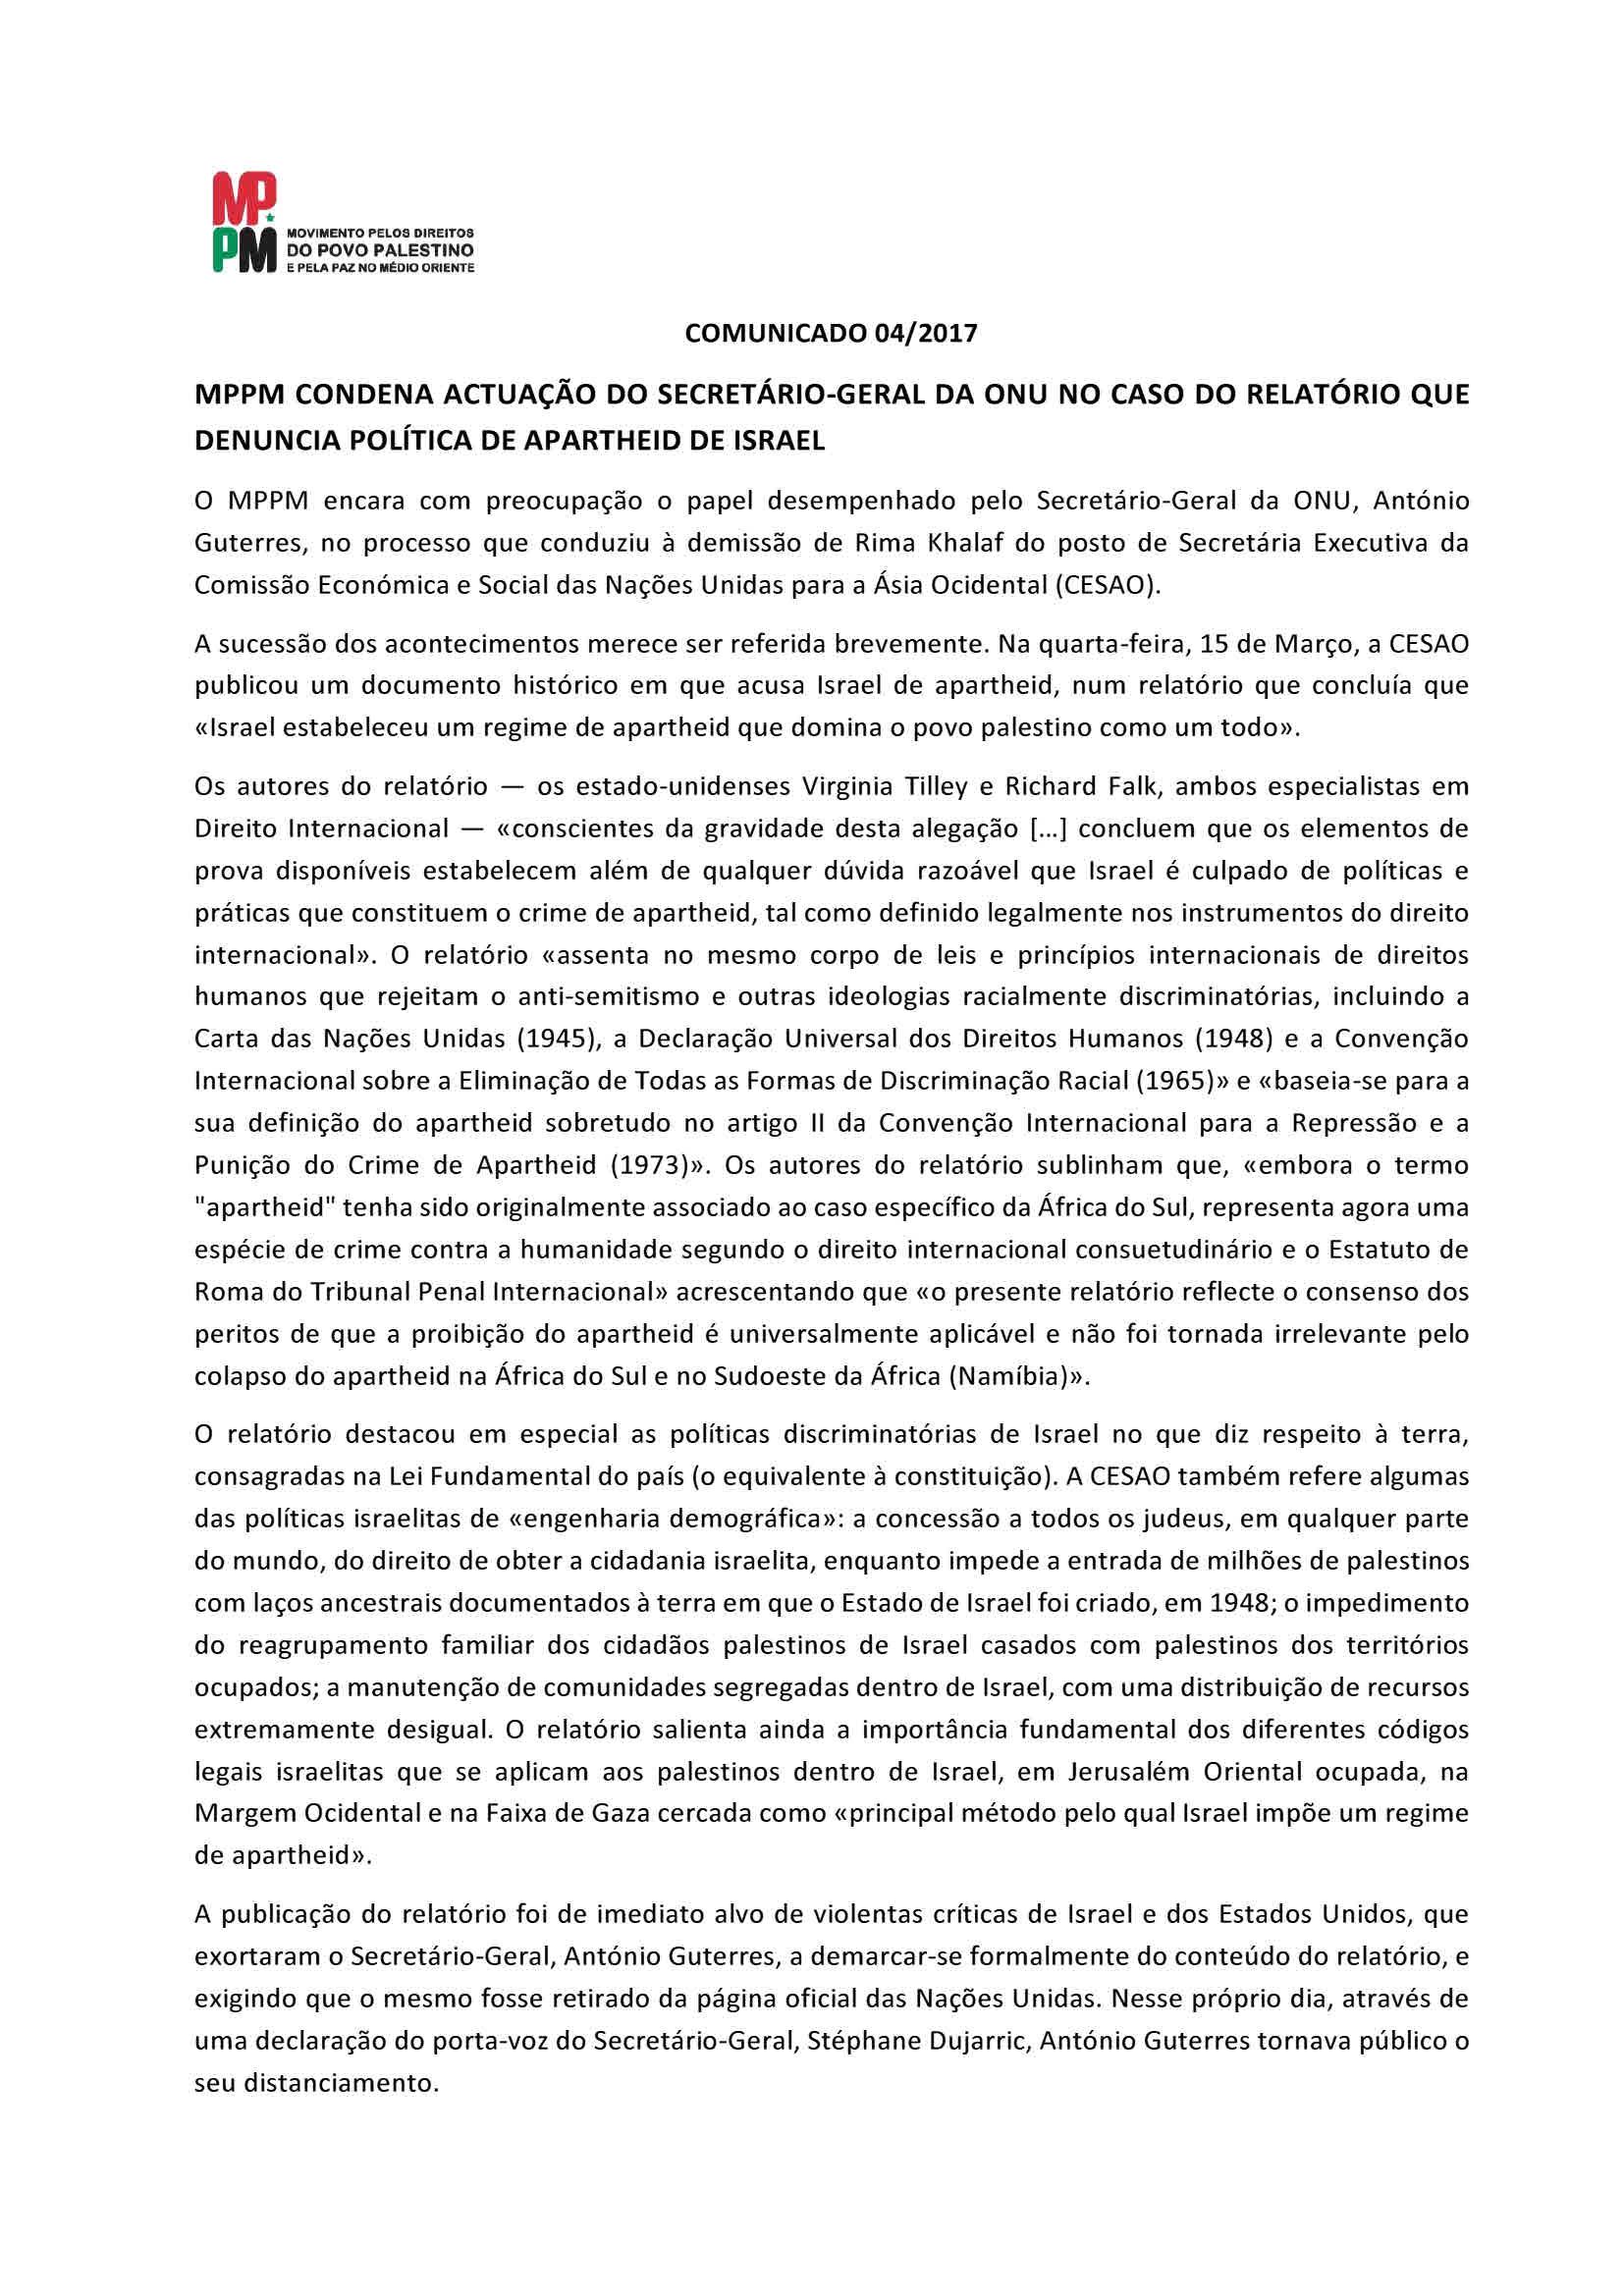 Comunicado 04-2017 – MPPM condena actuação do SG da ONU no caso do relatório denunciando poítica da apartheid de Israel